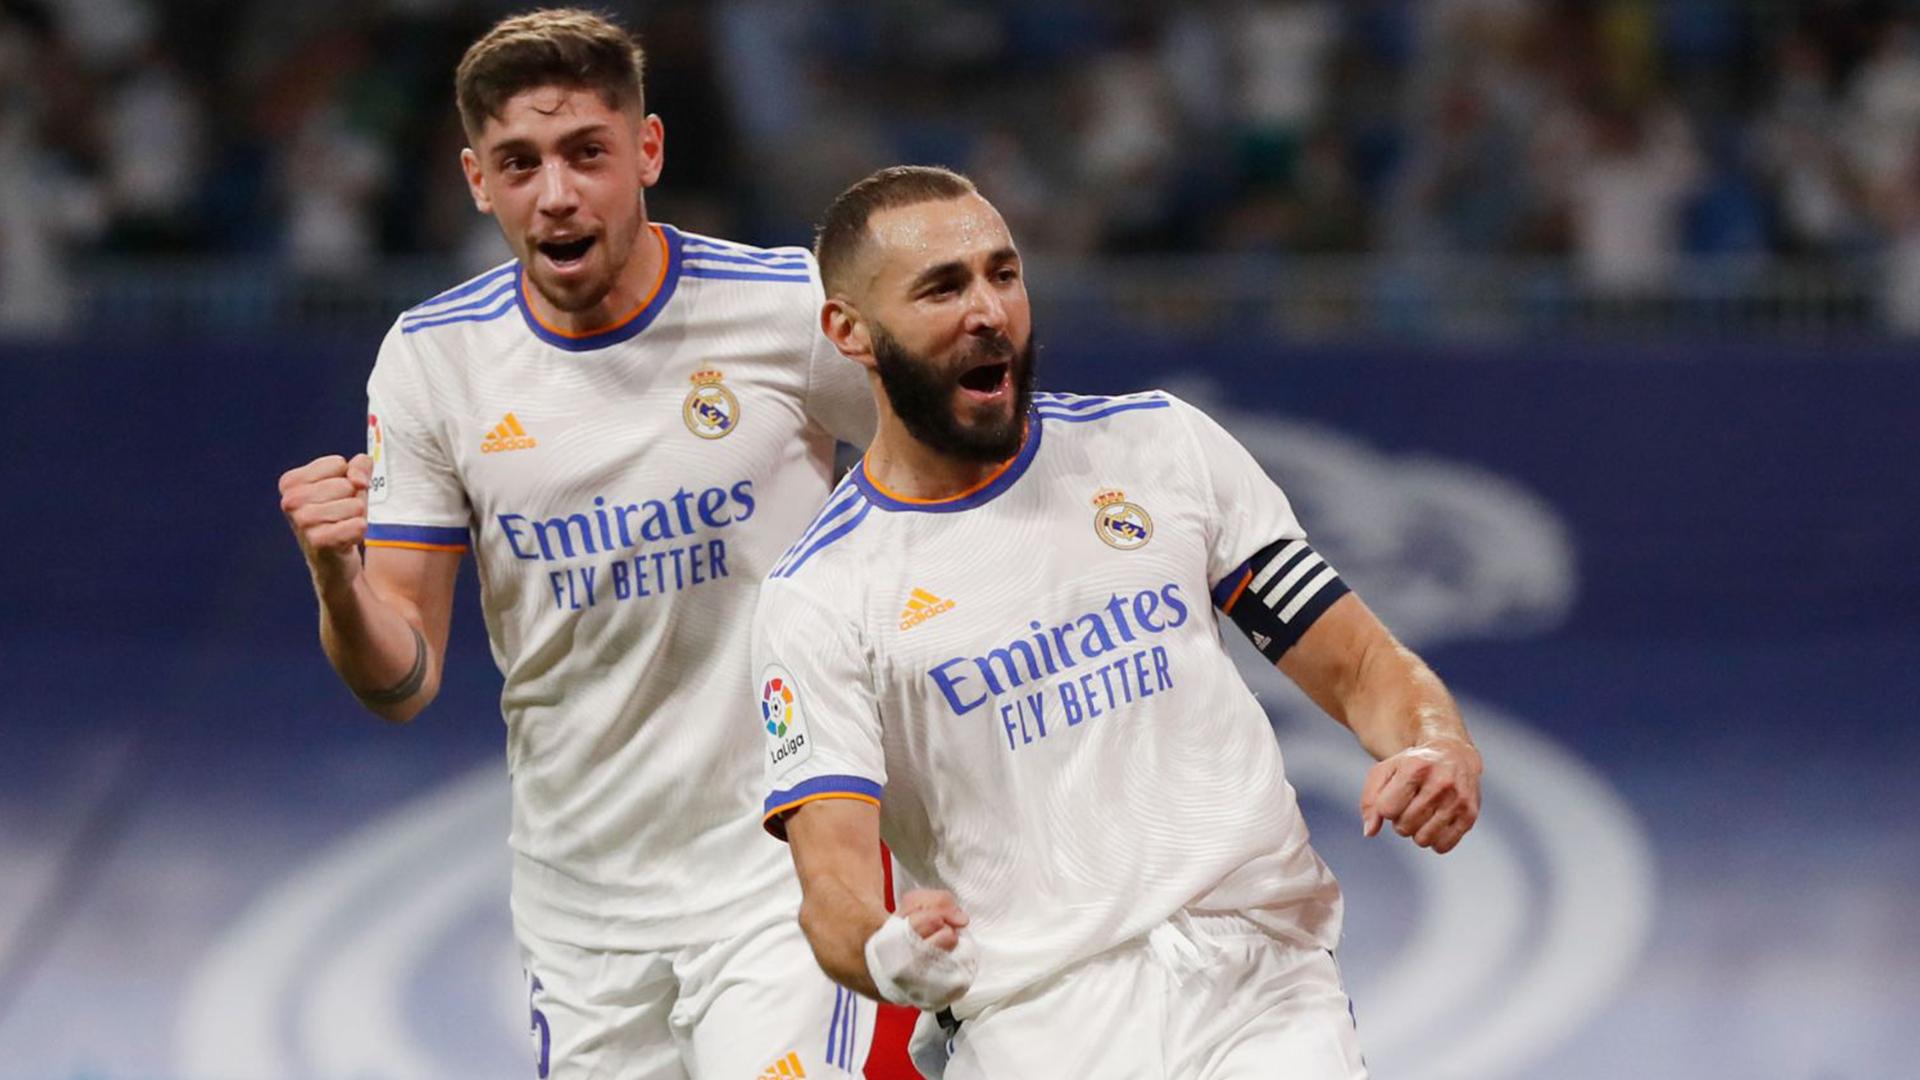 فرحة بنزيما بالهاتريك في مرمى سيلتا فيغو ـ 12 أيلول 2021 (موقع نادي ريال مدريد)